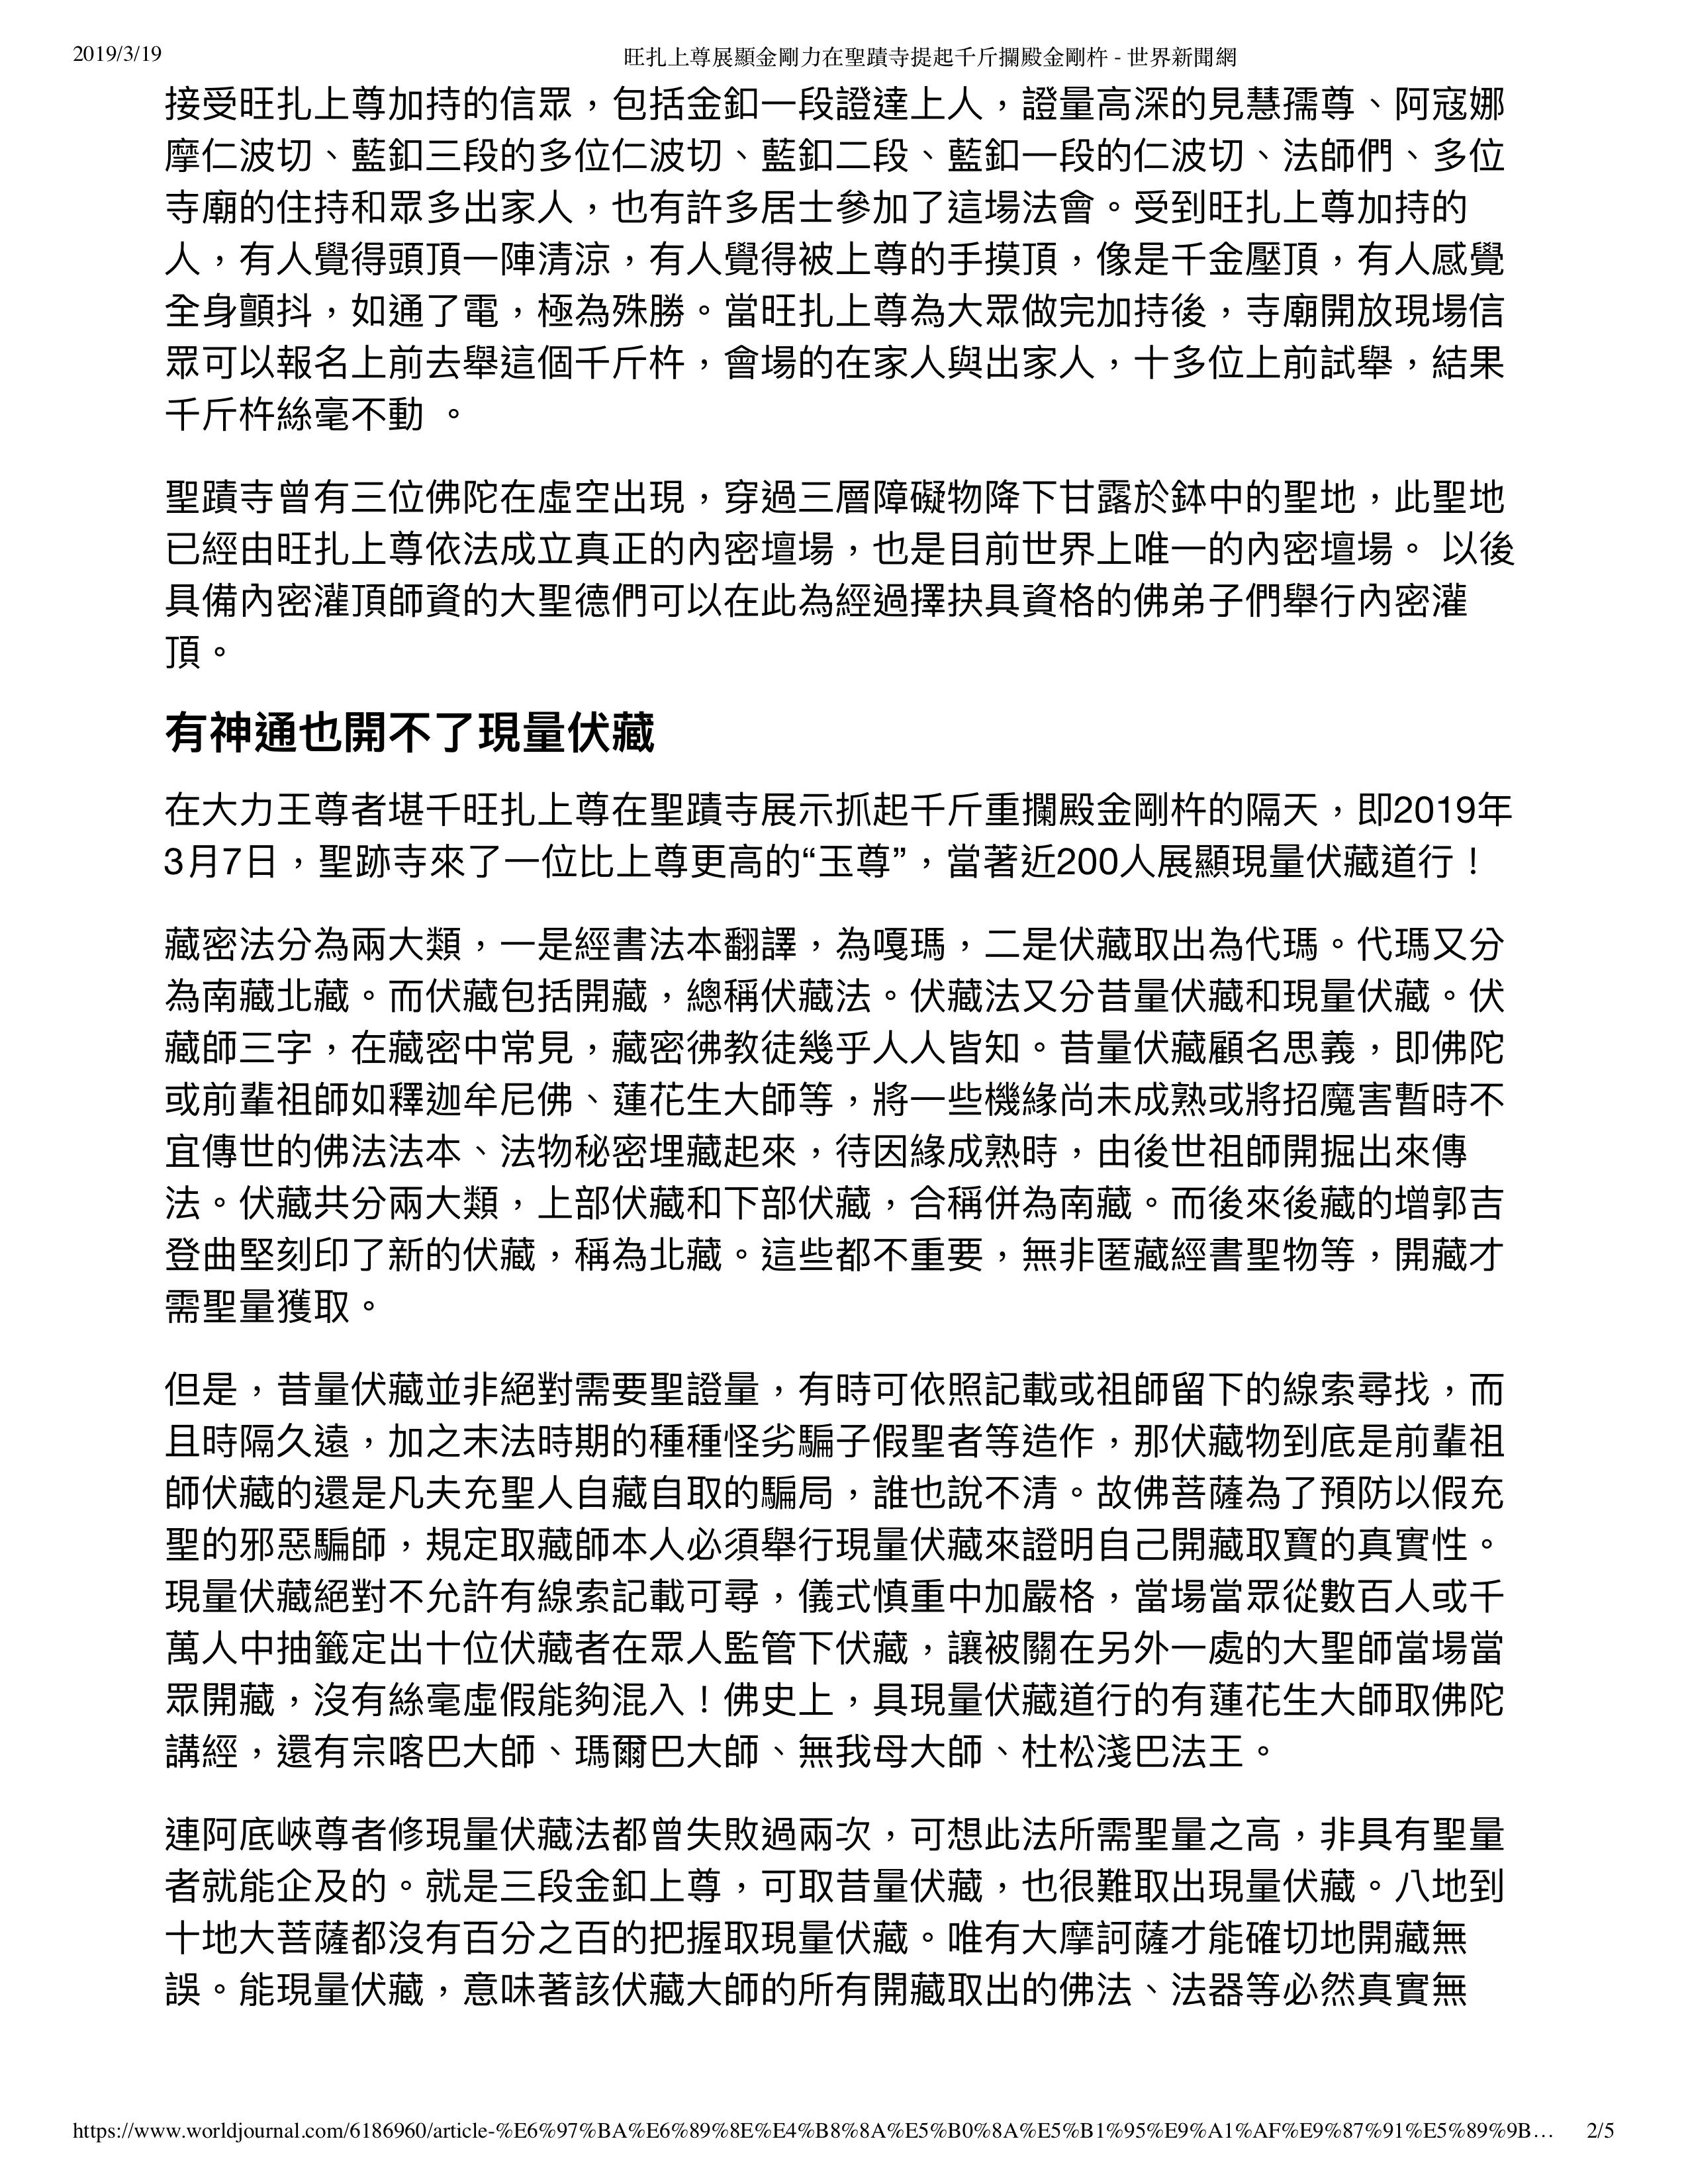 旺扎上尊展顯金剛力在聖蹟寺提起千斤攔殿金剛杵 - 世界新聞網_3-19-2019